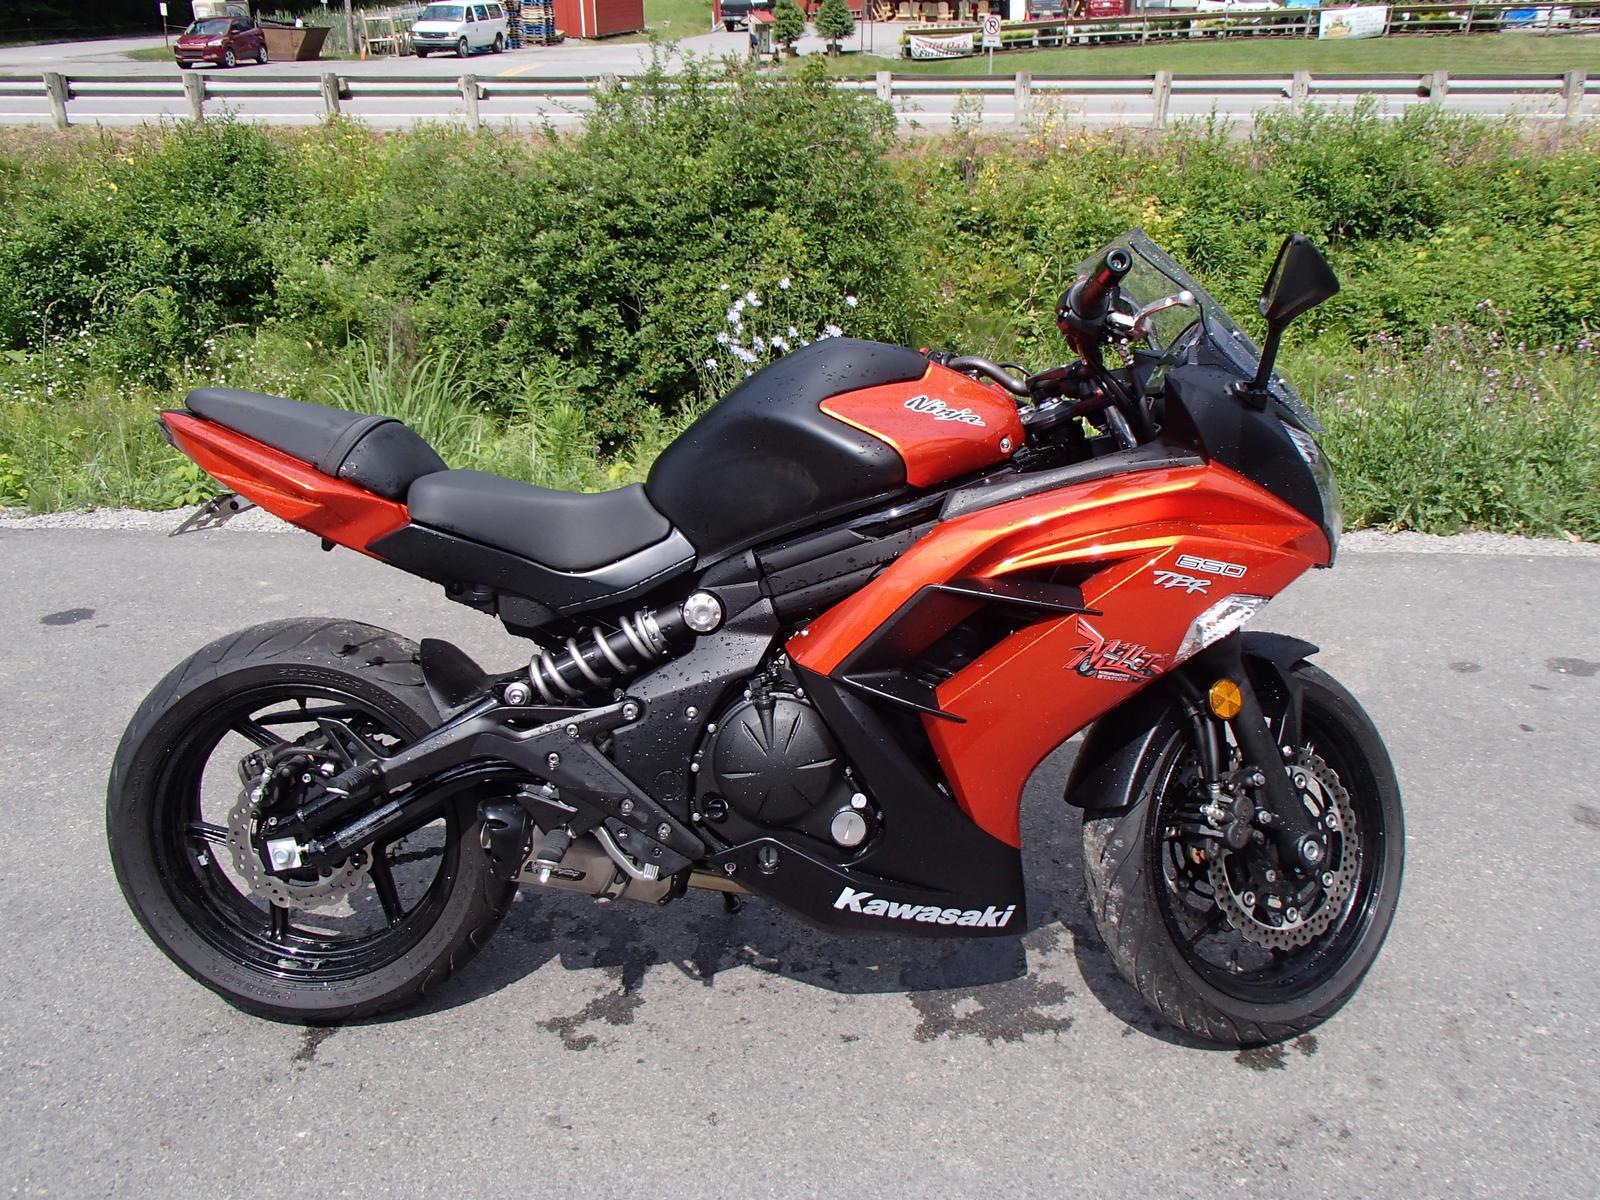 2014 Kawasaki Ninja 650 For Sale In Elkins Wv Elkins Motorsports